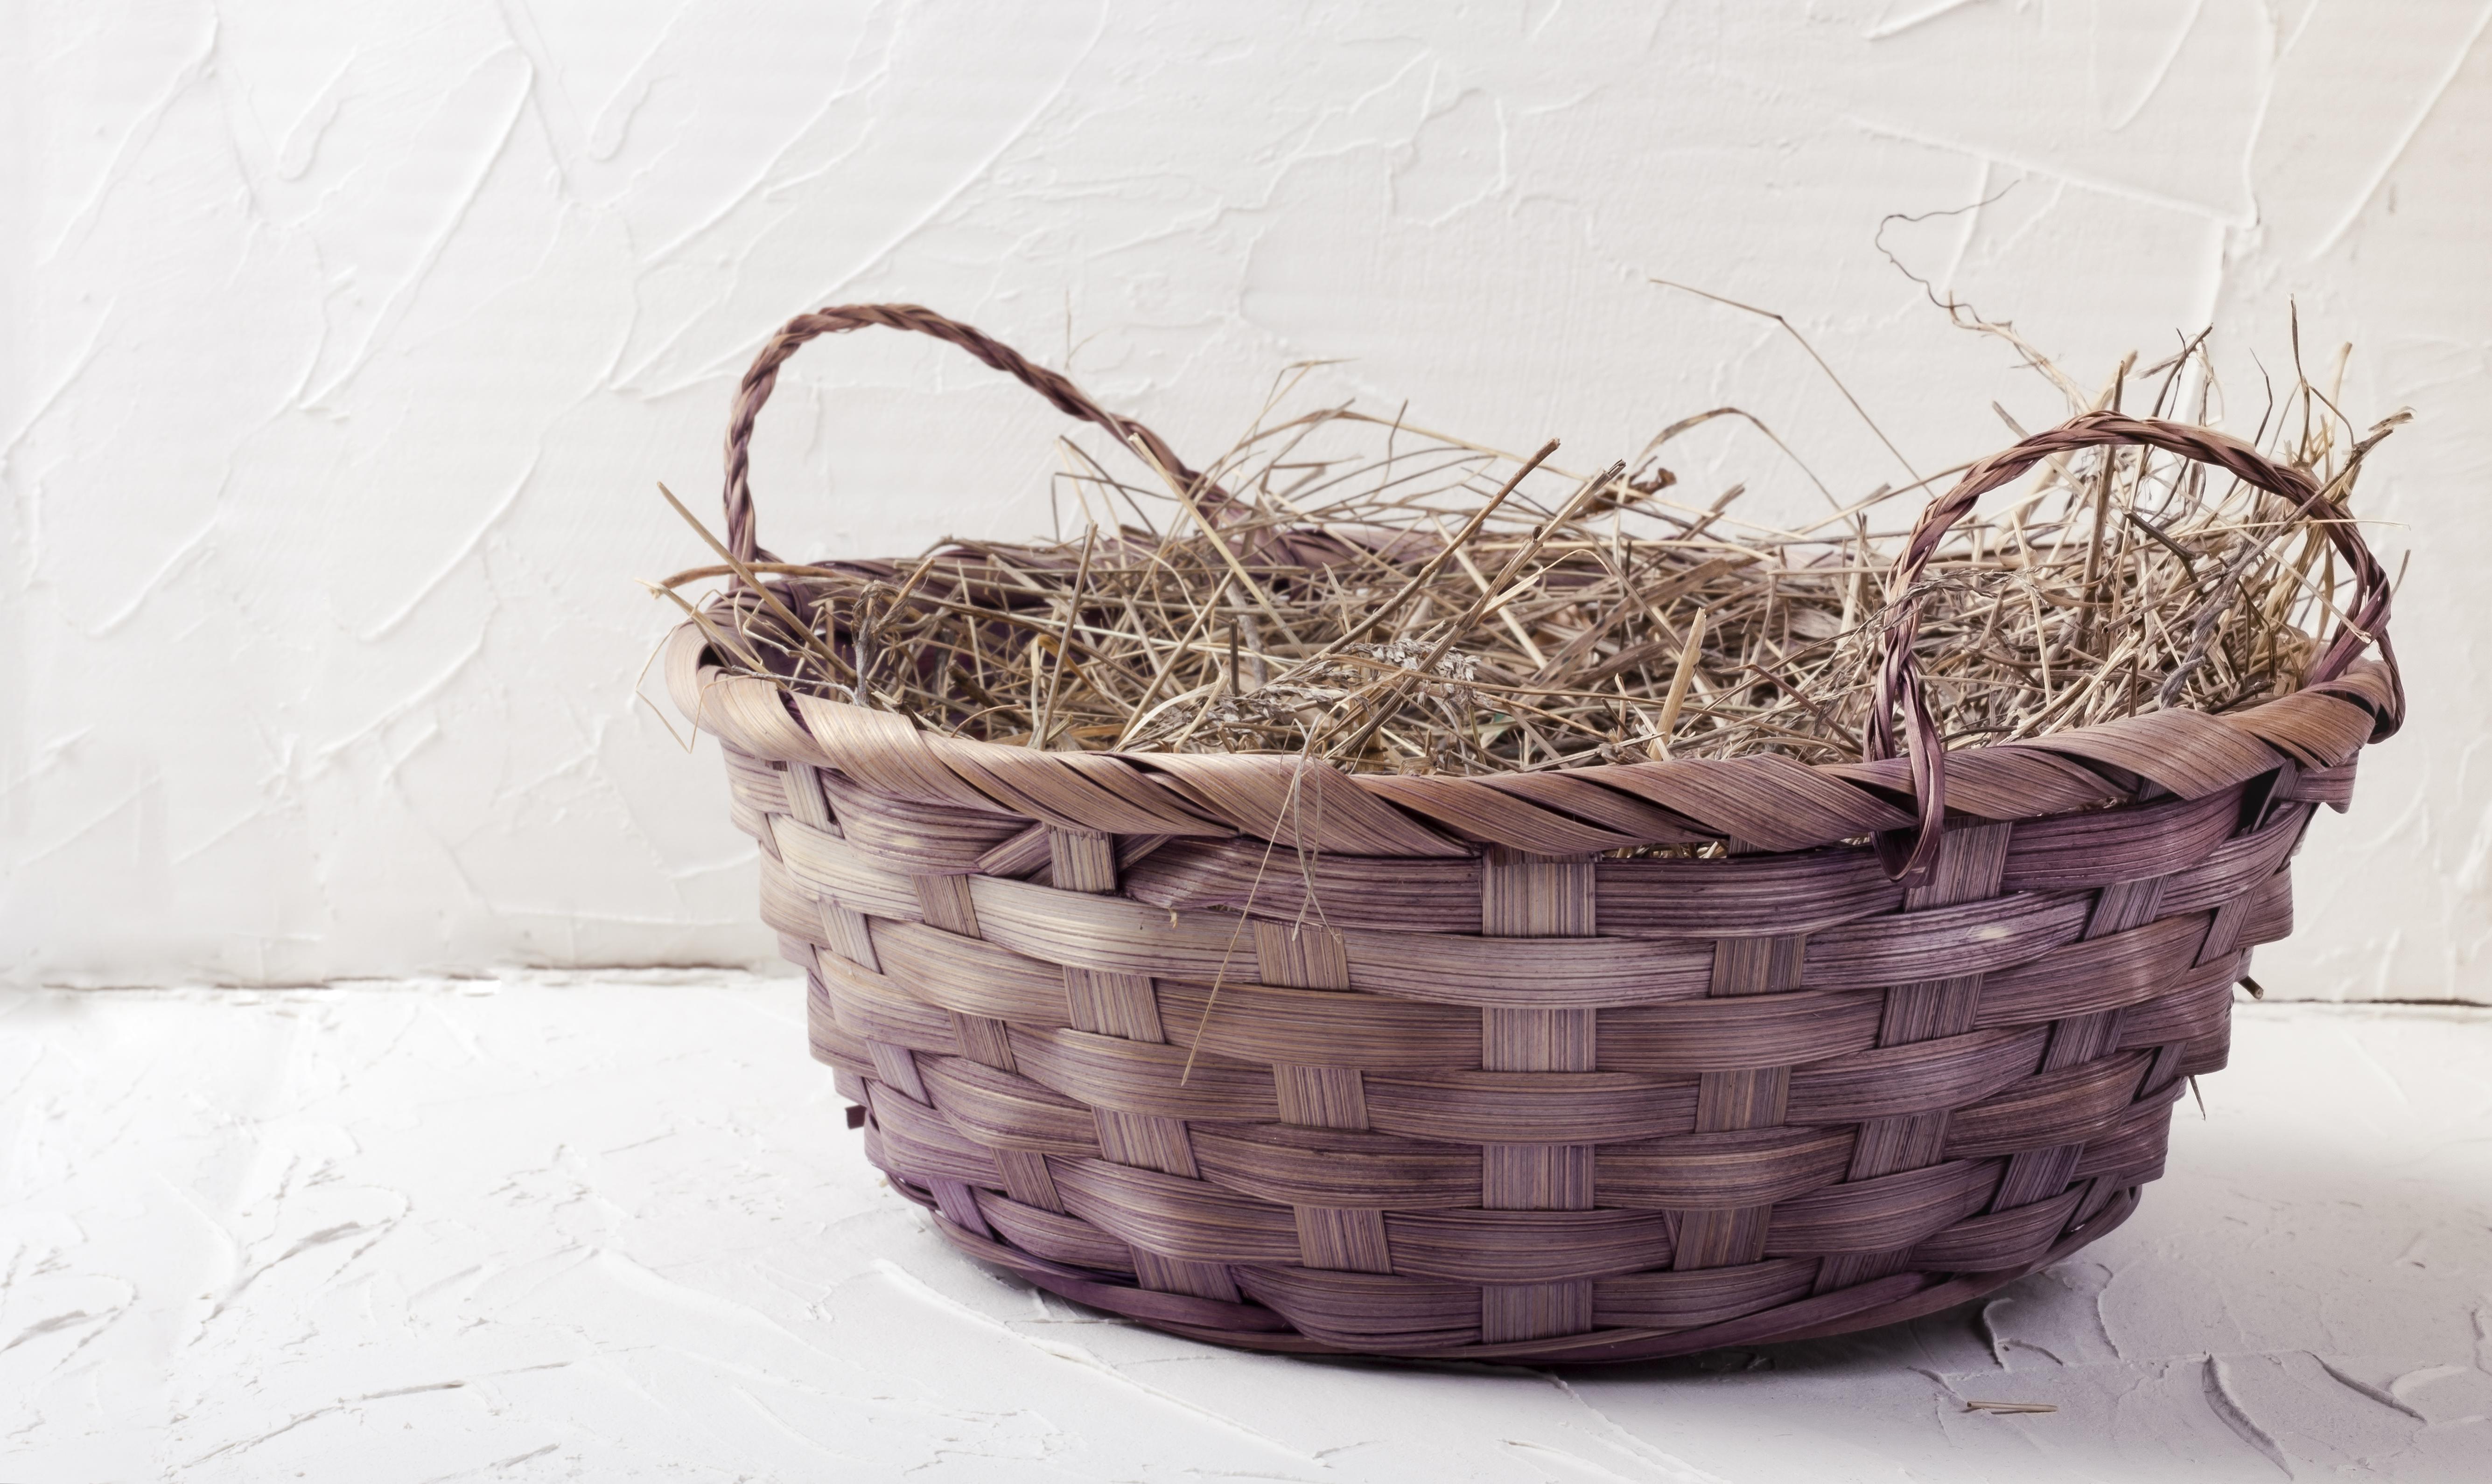 Velikonoční dekorace ze slámy a sena mají kouzlo. Přírodní materiál seženete nejen na zahradě, ale třeba i při procházce.